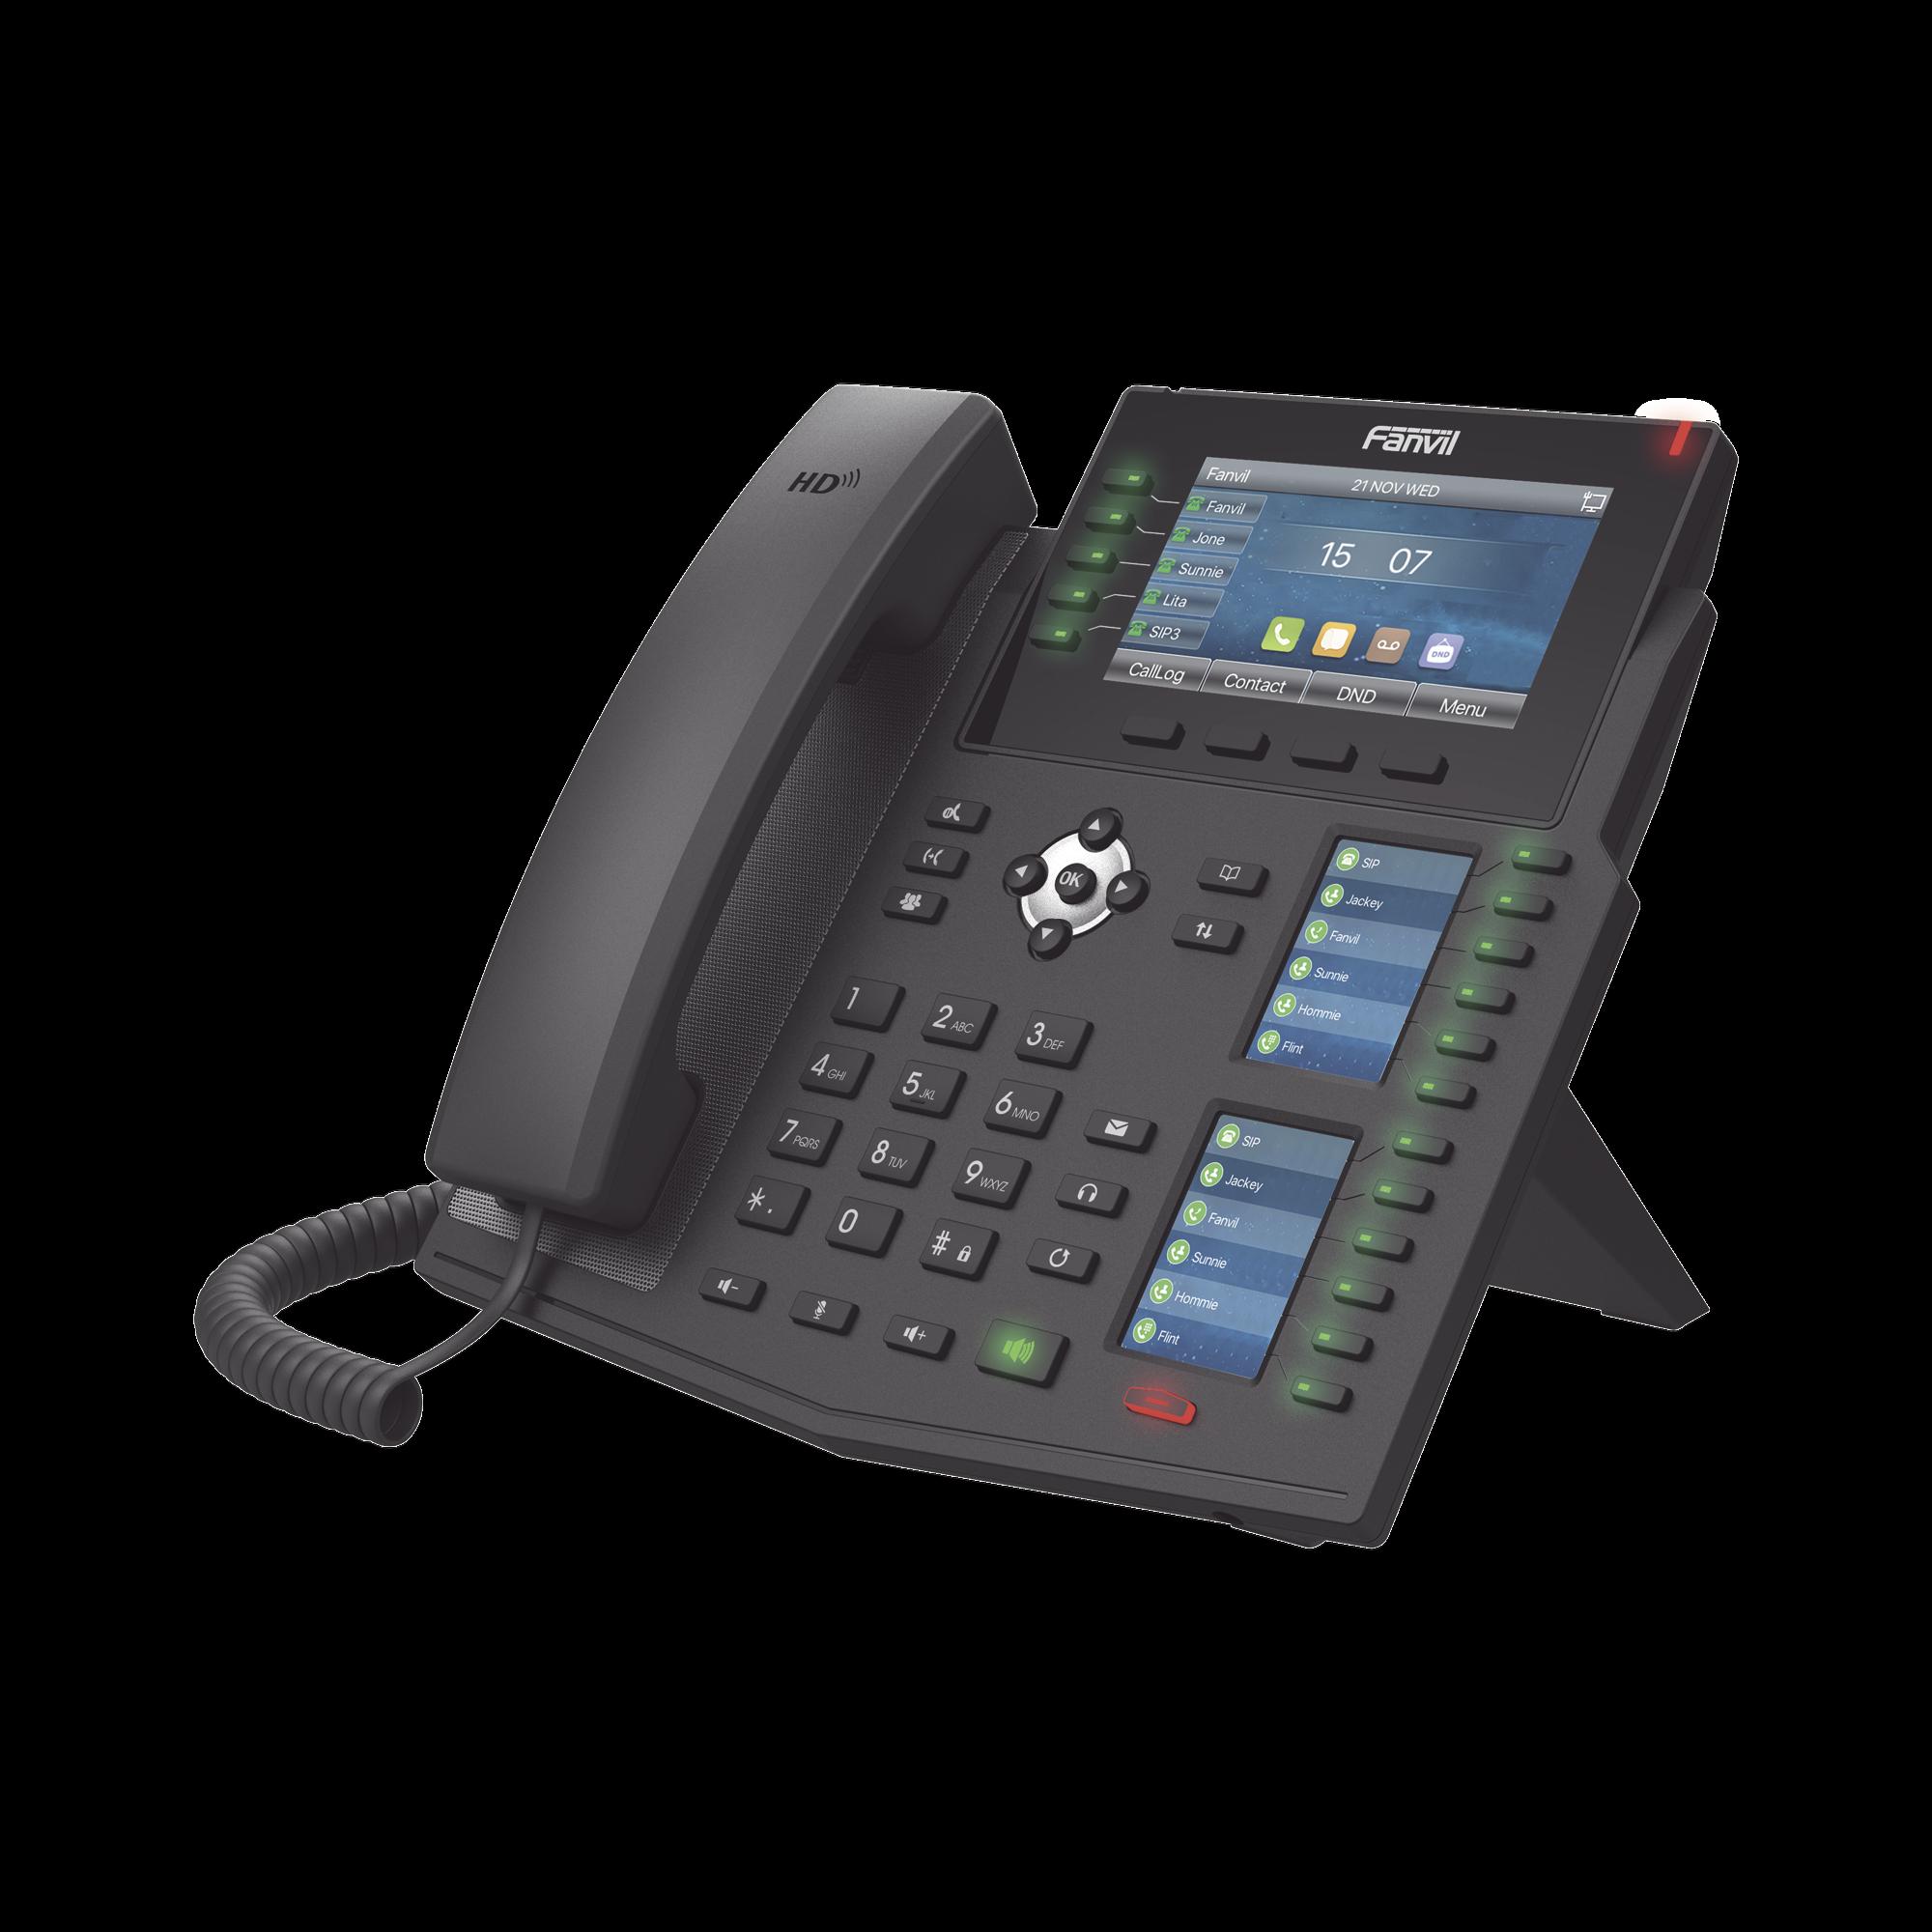 Telefono IP Empresarial con Estandares Europeos, 20 lineas SIP con pantalla LCD a color, 60 teclas DSS/BLF, puertos Gigabit, IPv6, Opus y conferencia de 3 vias, PoE/DC (incluye fuente).